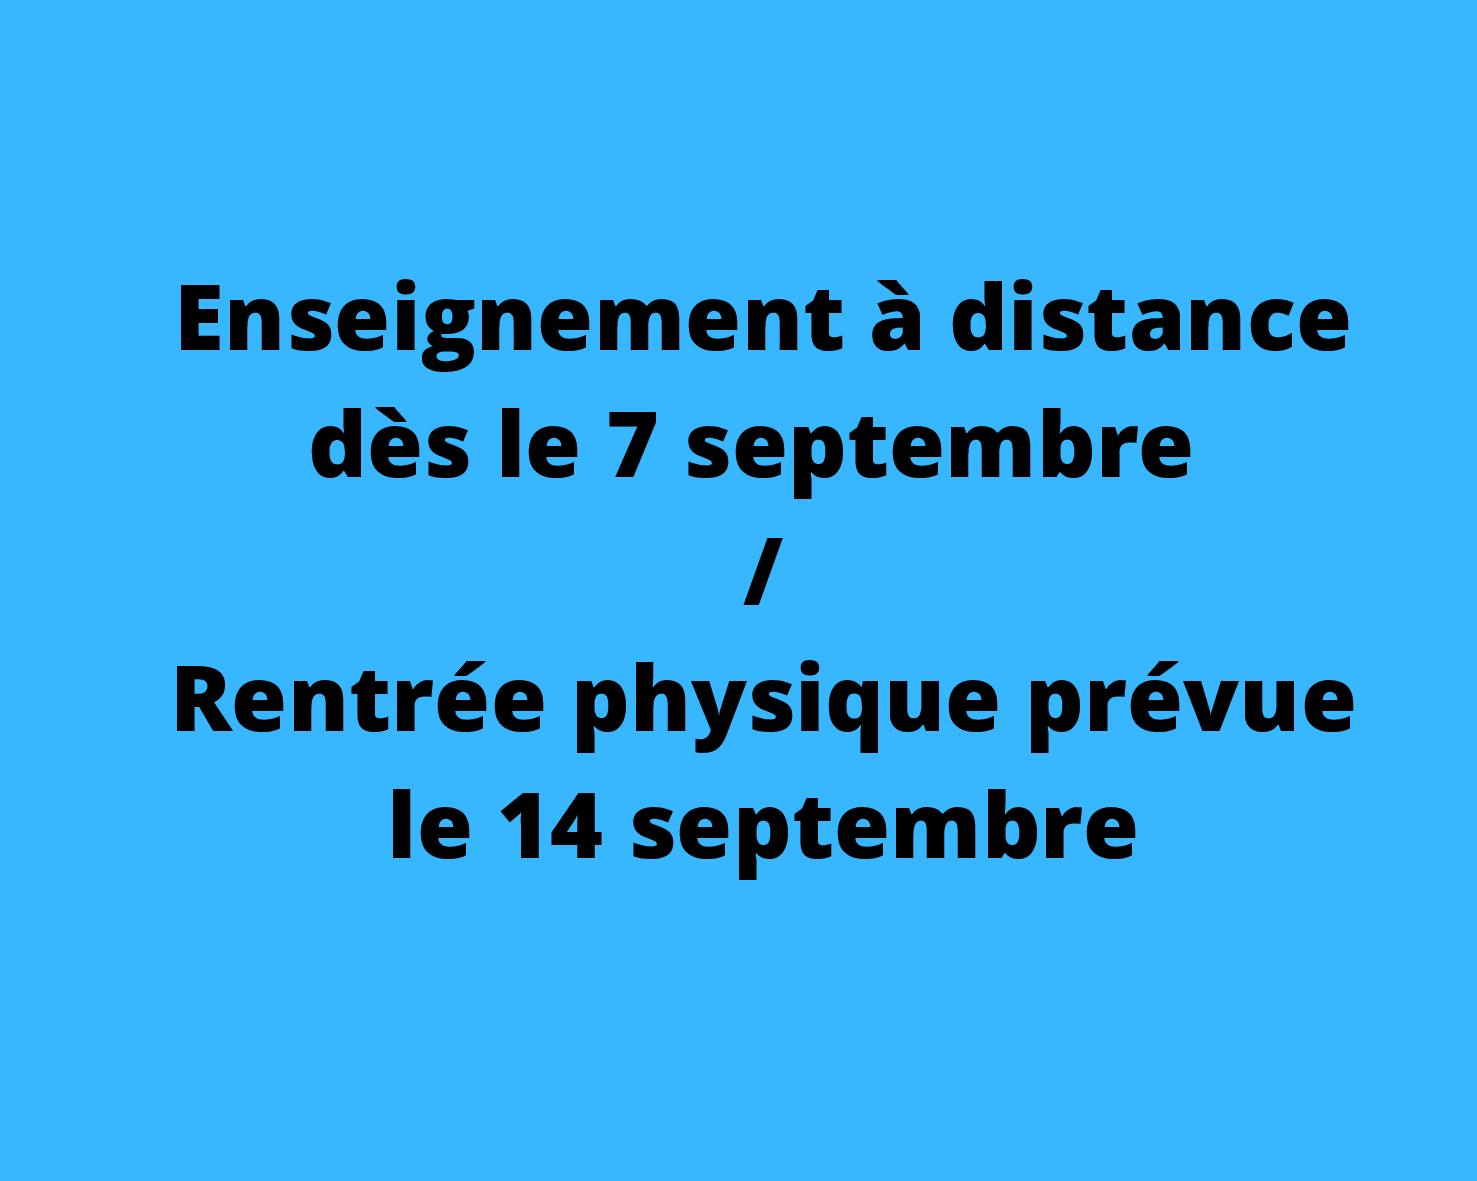 Enseignement à distance dès le 7 septembre et rentrée physique prévue le 14 septembre